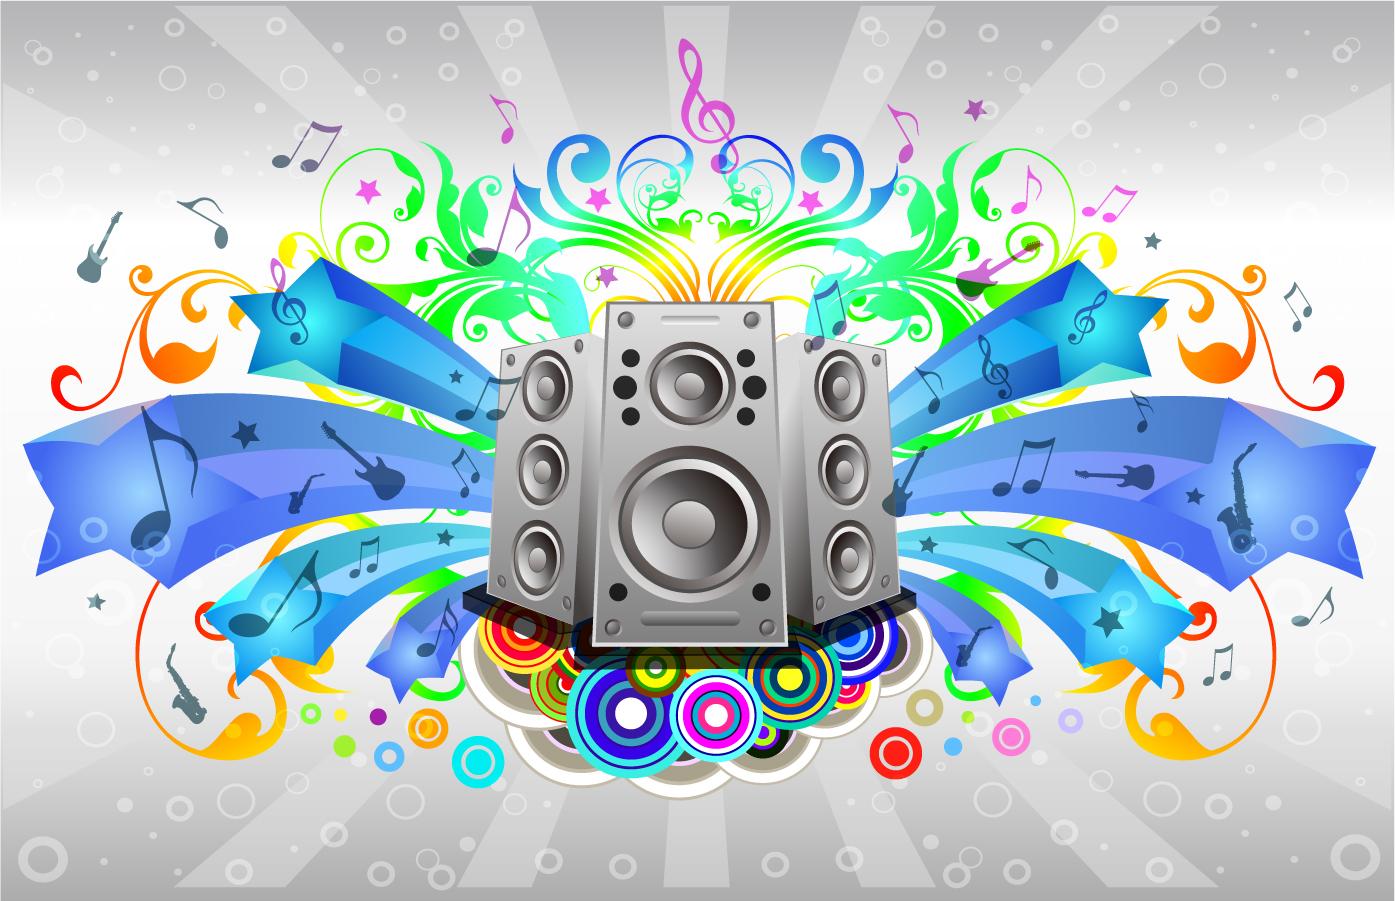 音楽をテーマにした背景 Music Sound System イラスト素材